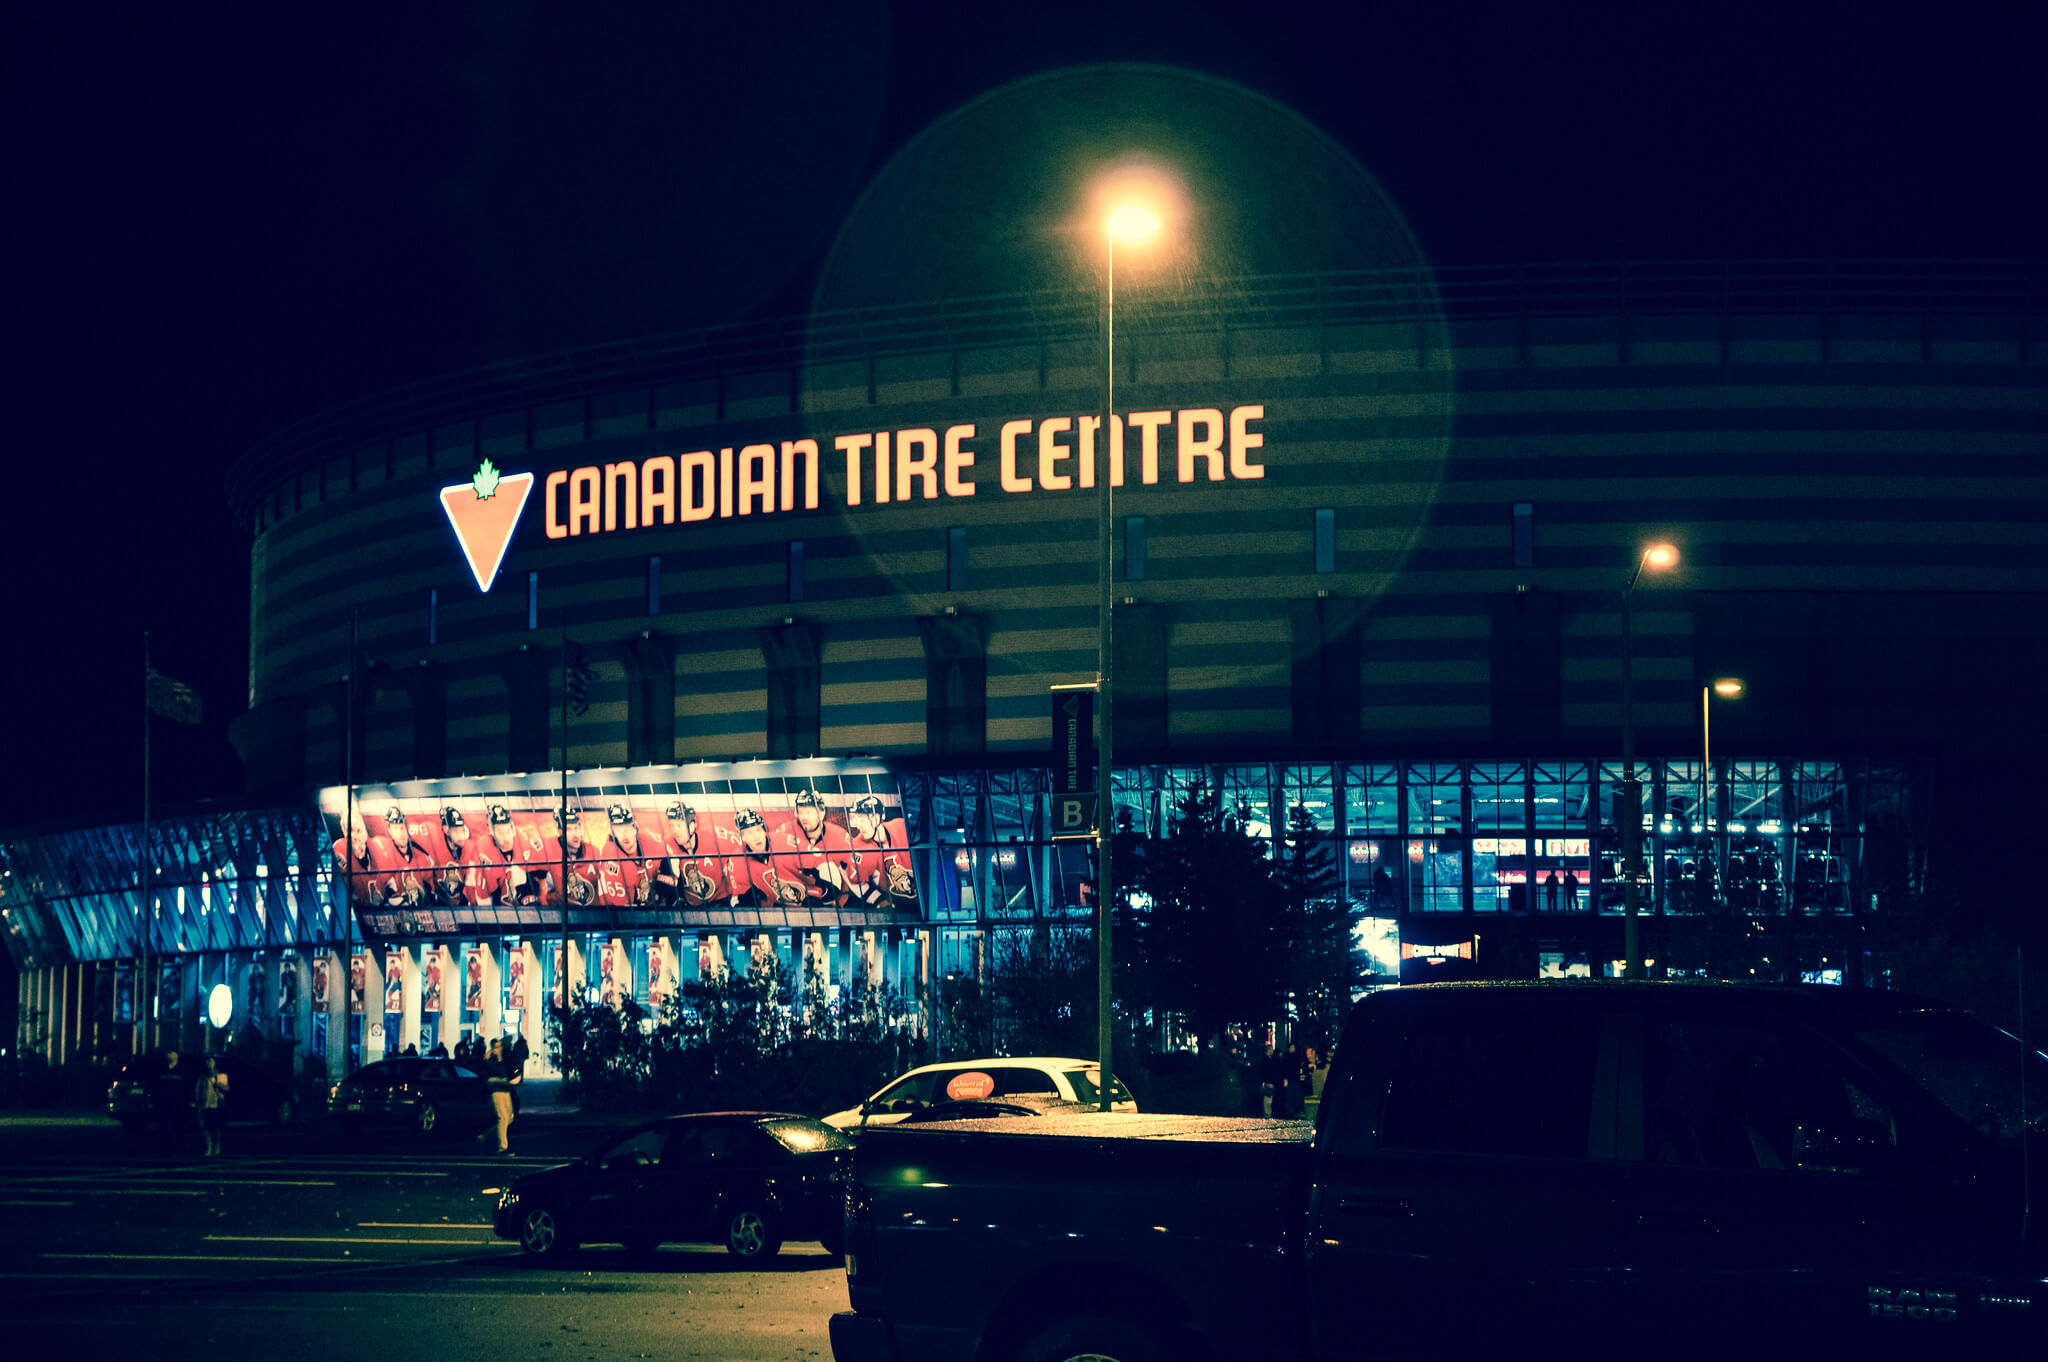 Canadian Tire Centre stadium